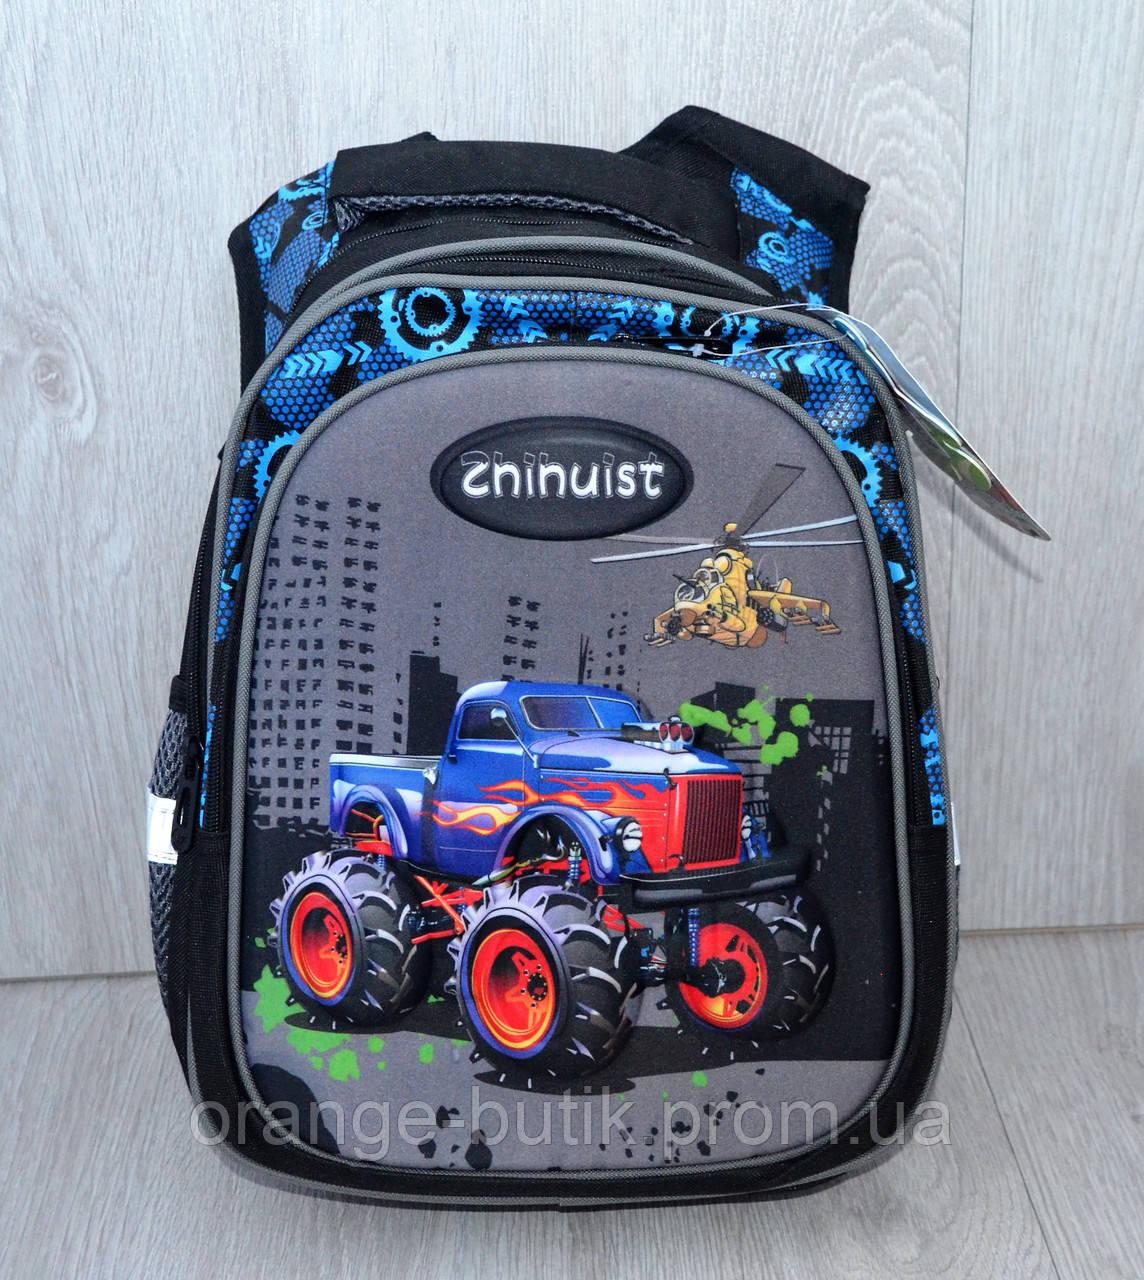 56a6e90b4845 Ортопедический школьный рюкзак для мальчиков с 3D машинкой: продажа ...